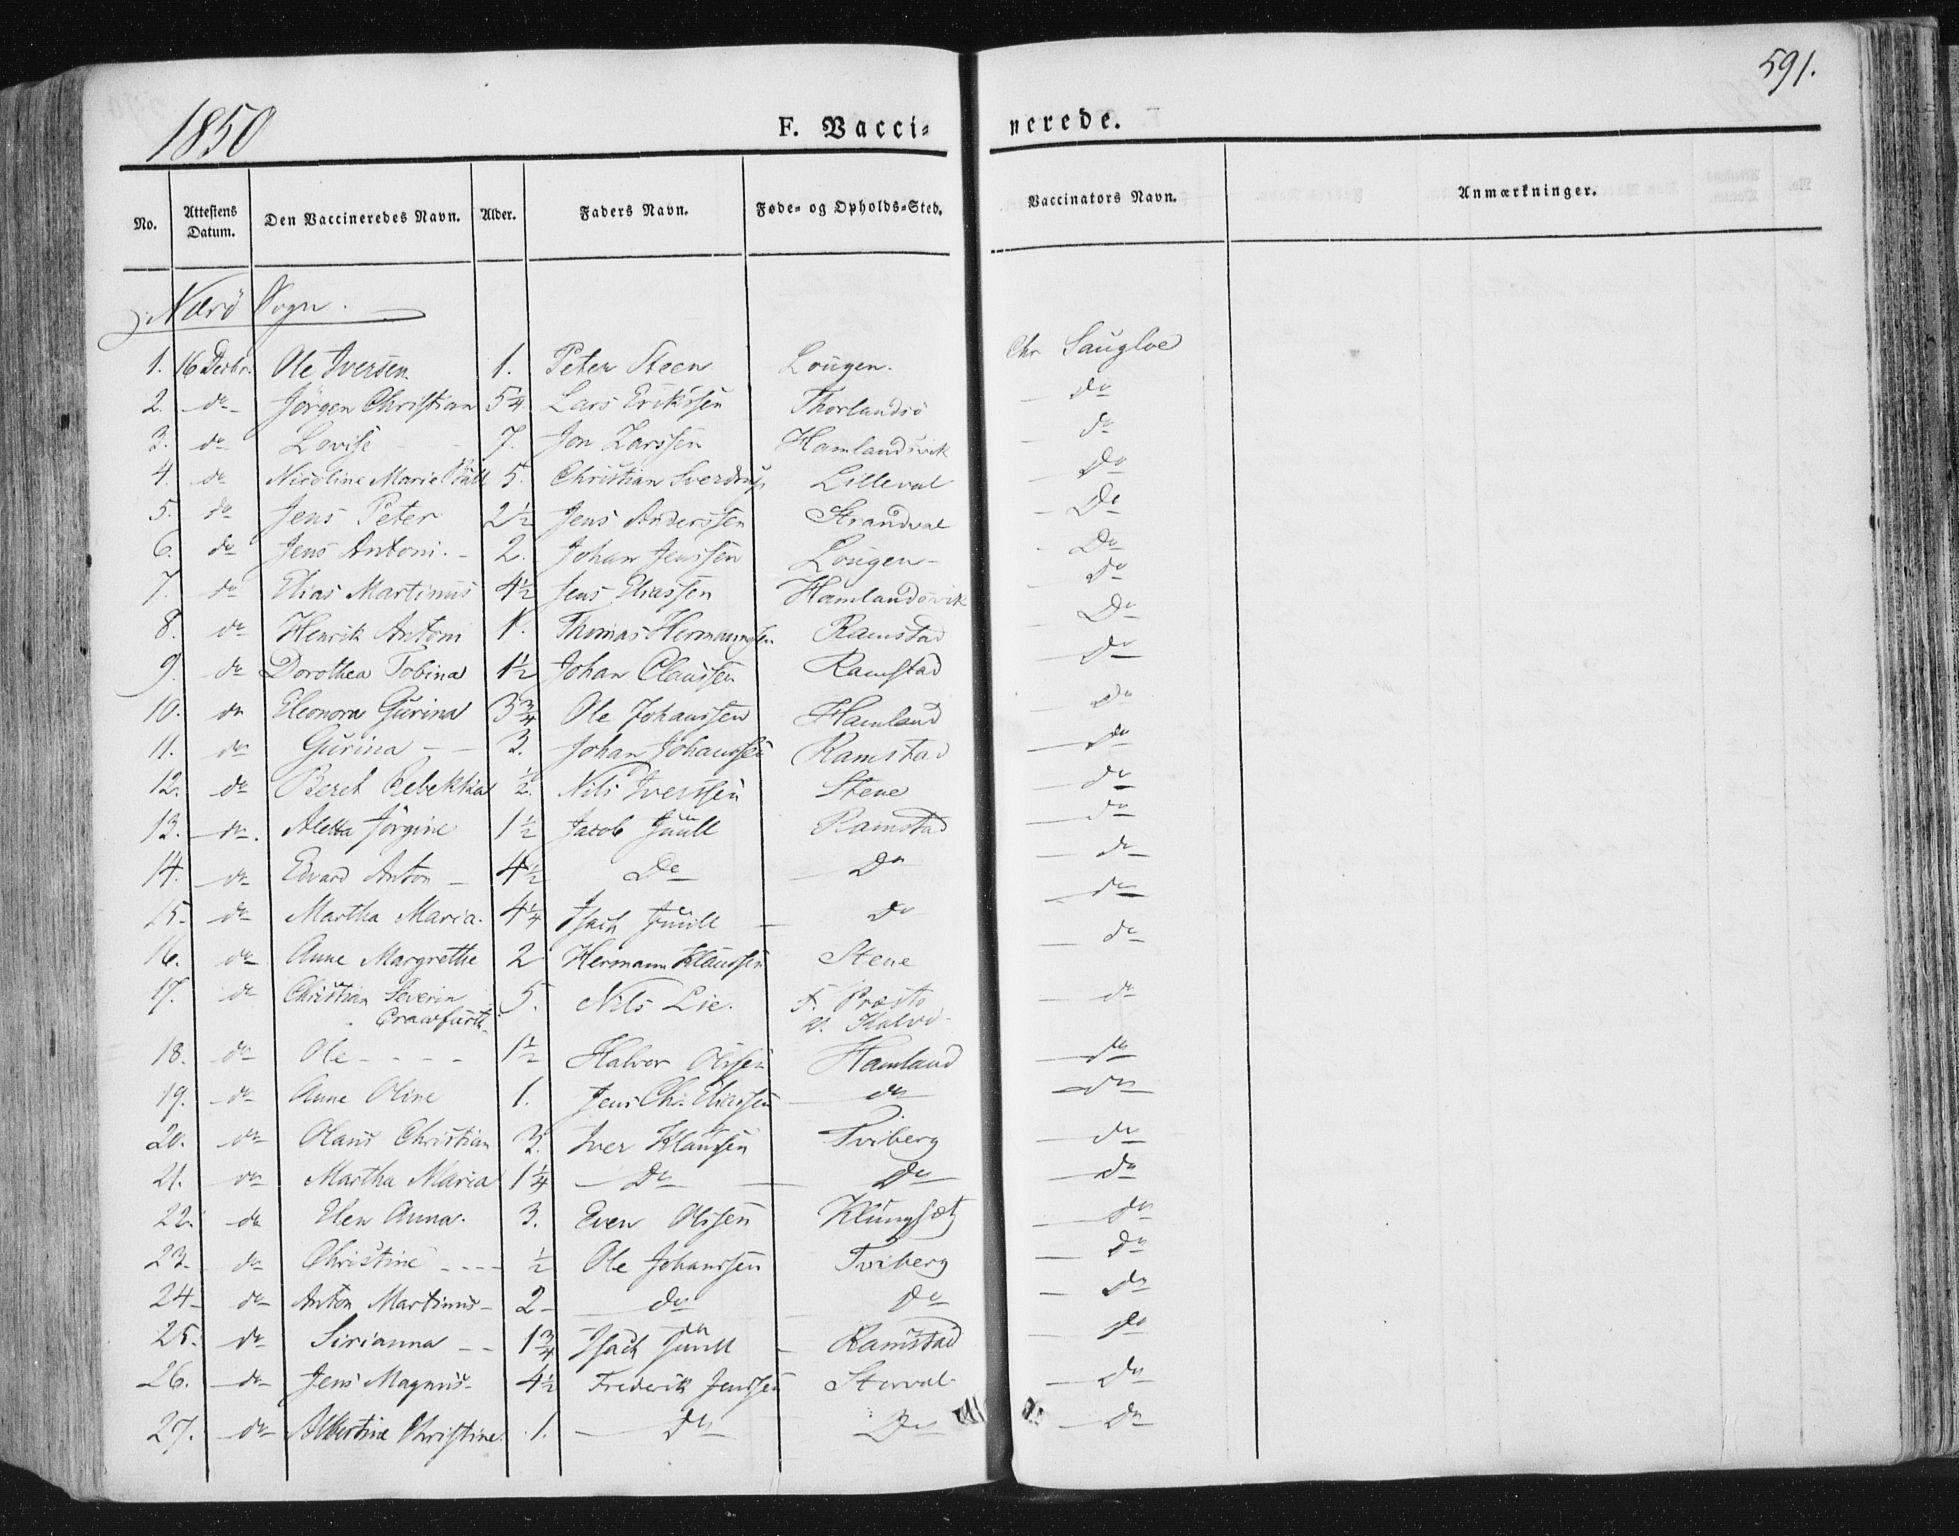 SAT, Ministerialprotokoller, klokkerbøker og fødselsregistre - Nord-Trøndelag, 784/L0669: Ministerialbok nr. 784A04, 1829-1859, s. 591